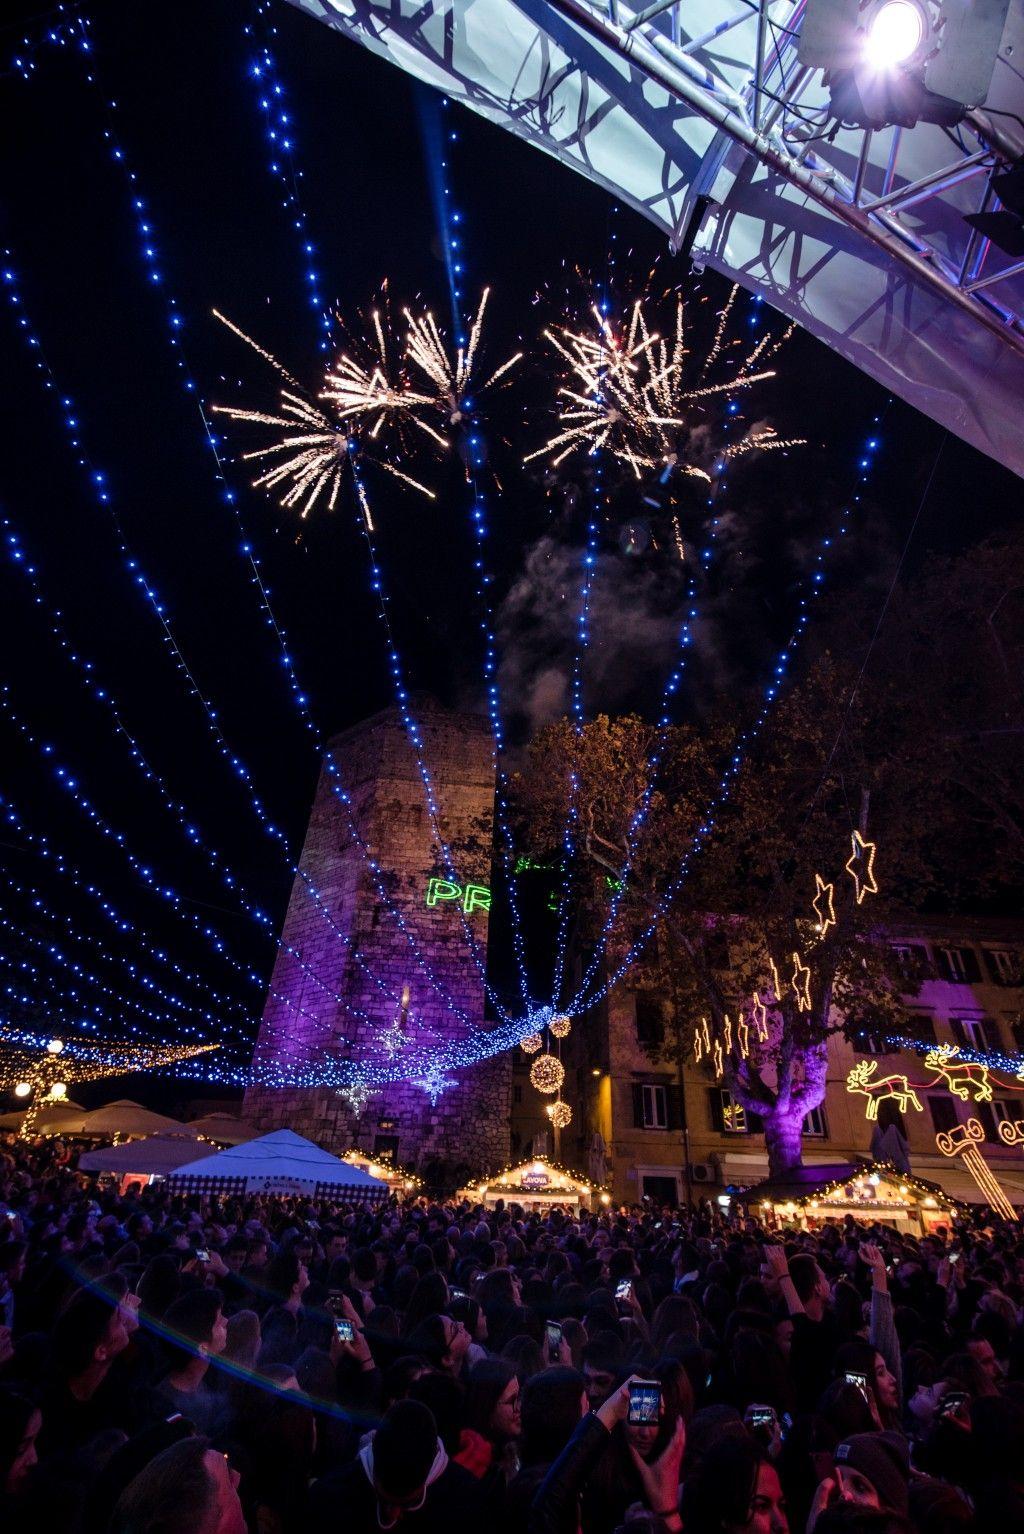 003 Advent u Zadru otvaranje Prljavo kazalište 23.11.2019, foto Iva Perinčić 39 (1)-1024x1534